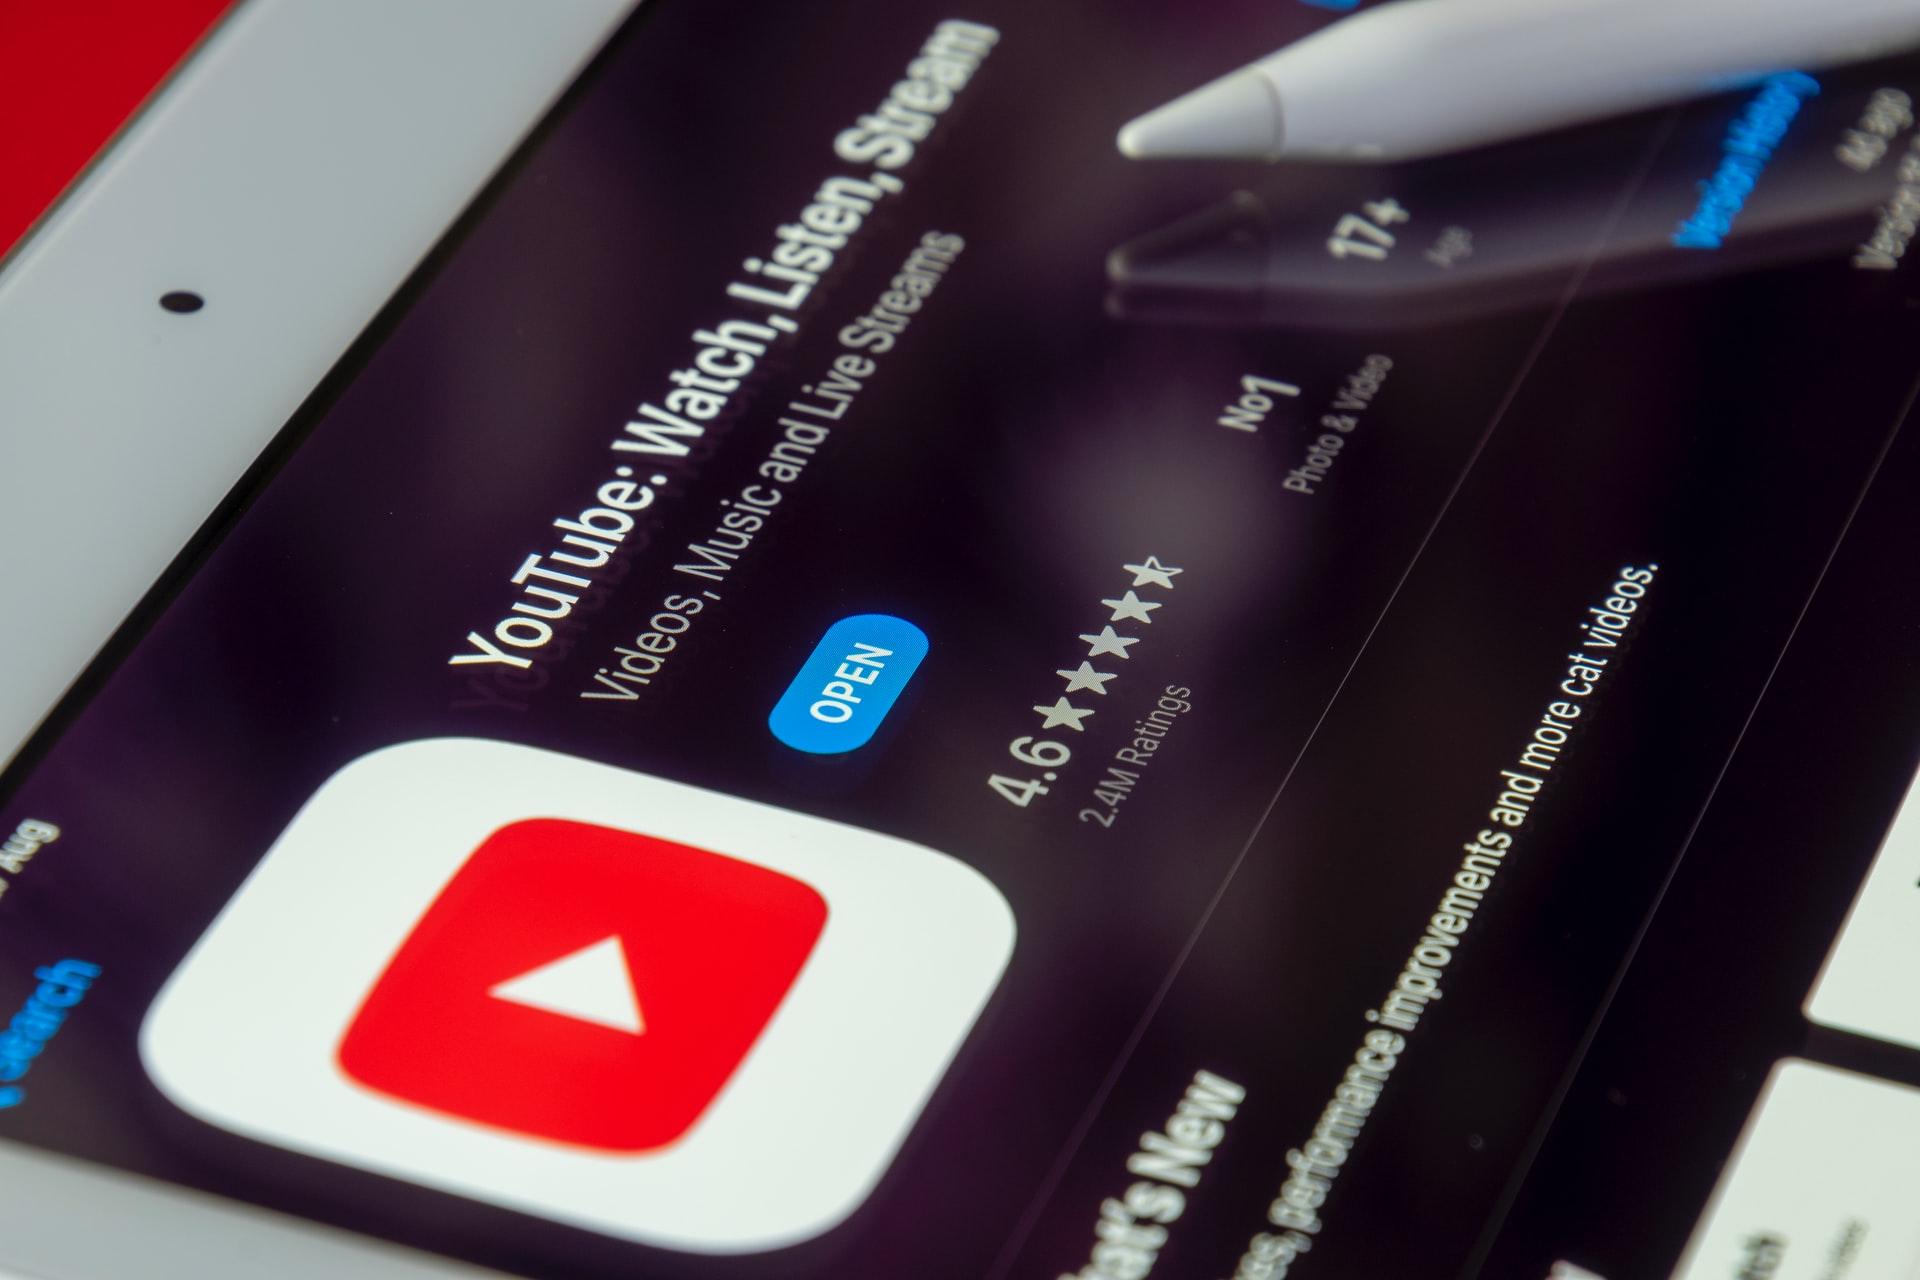 動画配信プラットフォームは目的で選ぶ!無料・有料おすすめ6選